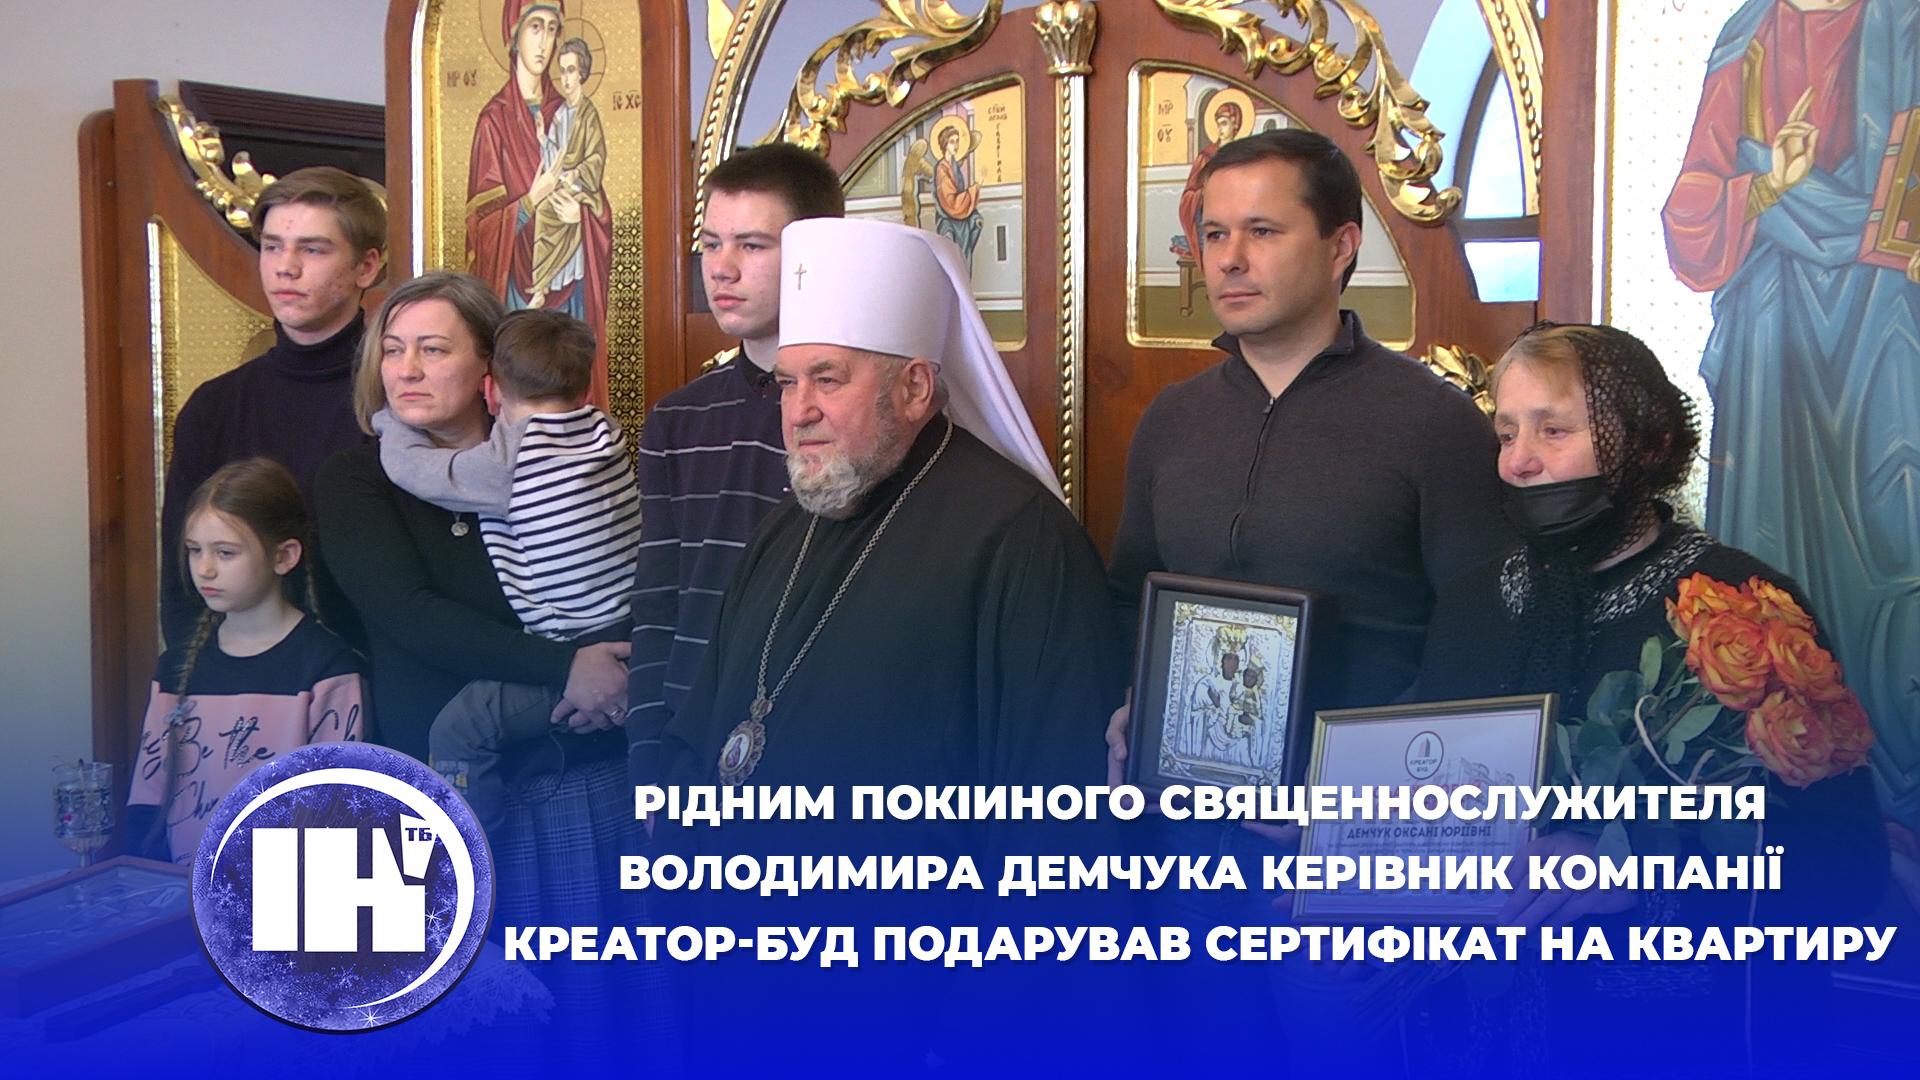 Рідним покійного священнослужителя Володимира Демчука керівник компанії Креатор-Буд подарував сертифікат на квартиру в Тернополі